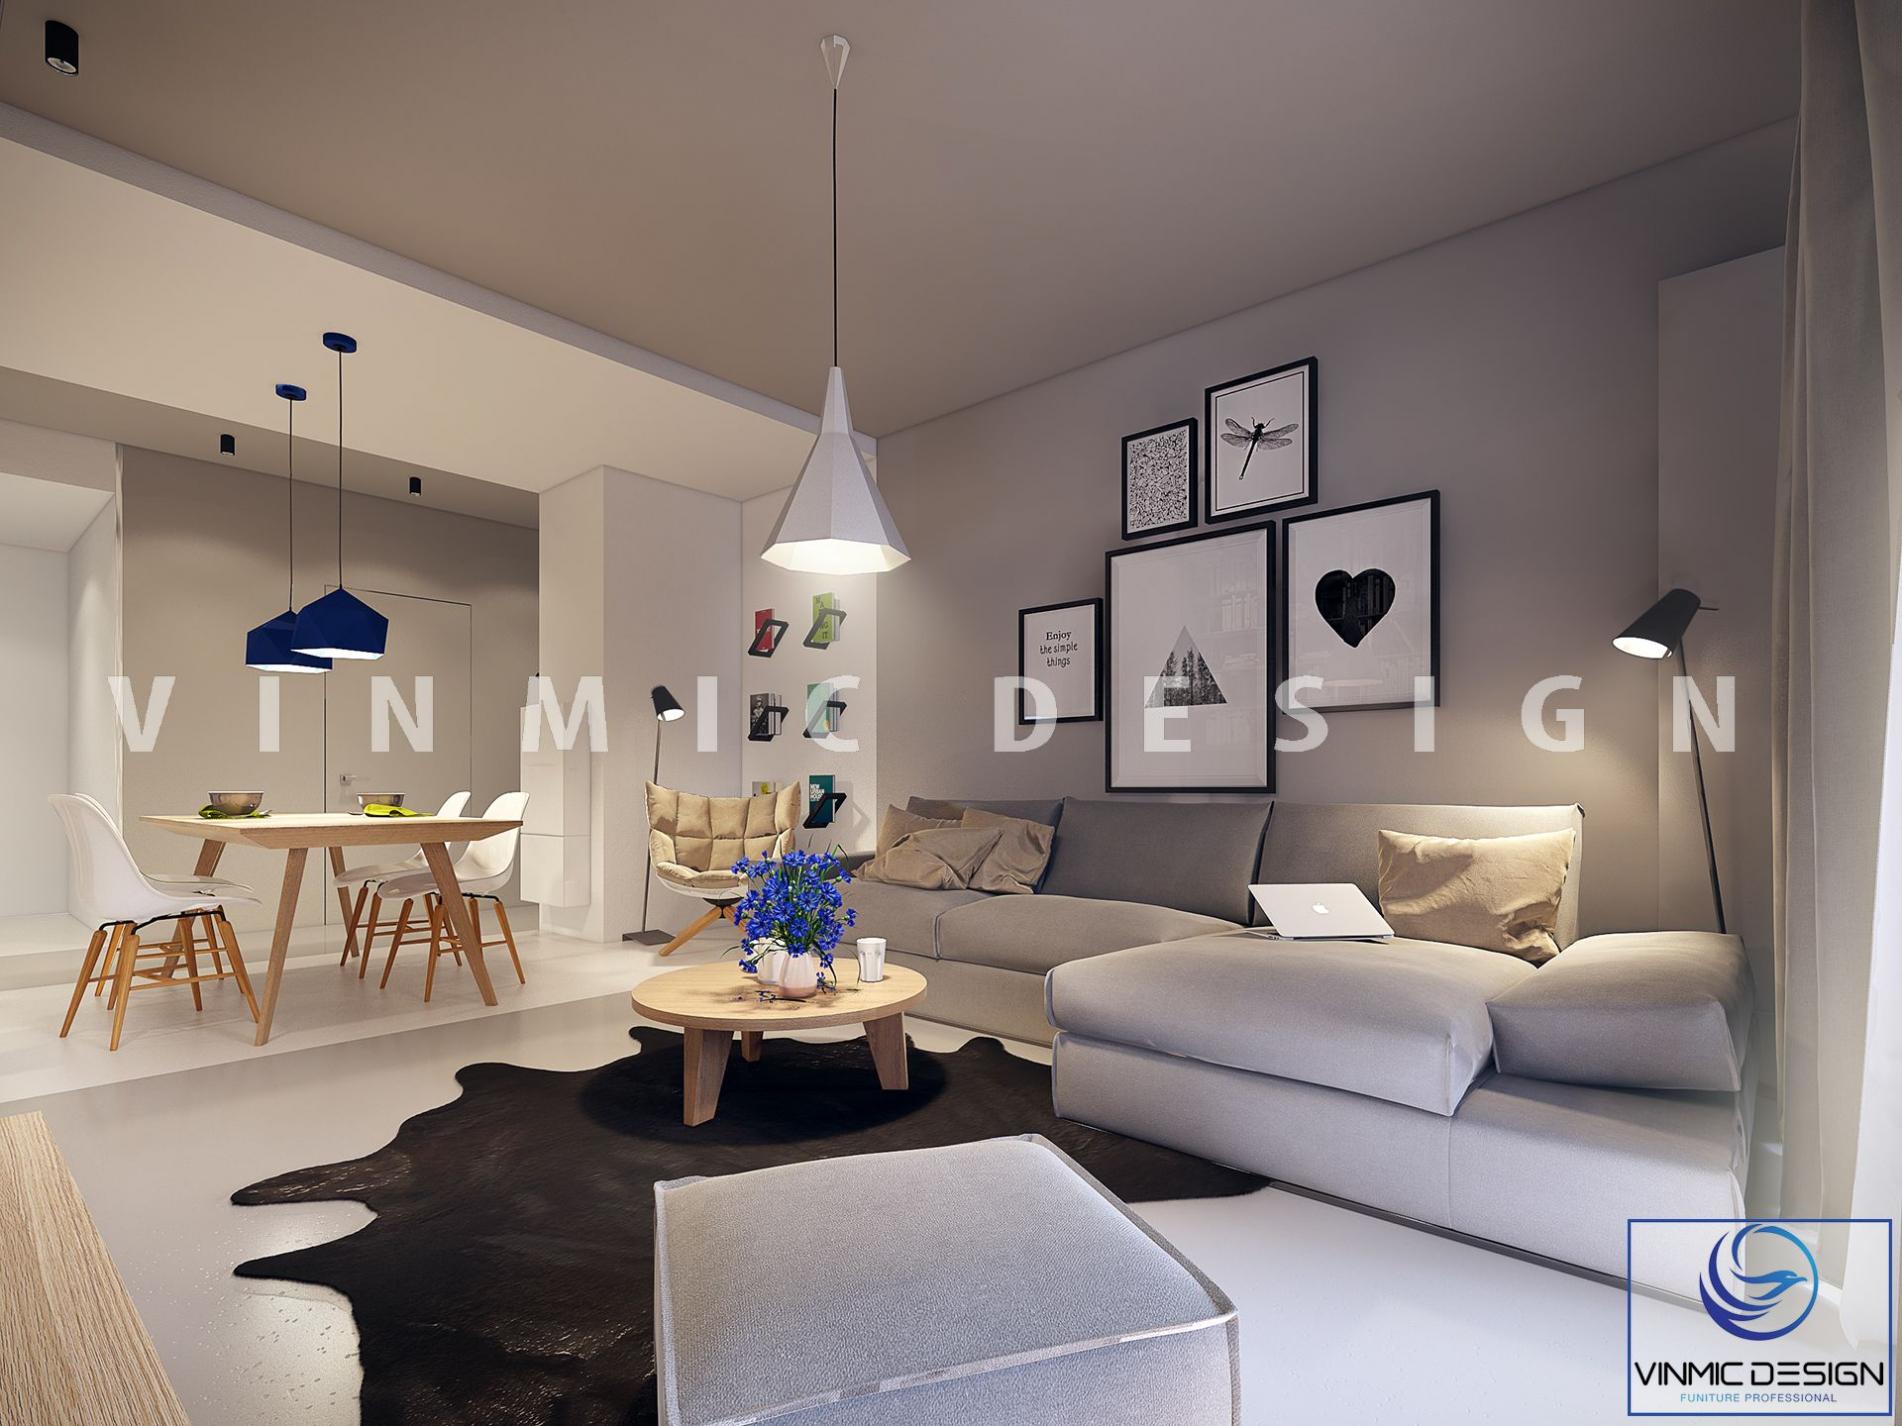 Thiết kế nội thất phòng khách với tone màu xanh dương làm điểm nhấn